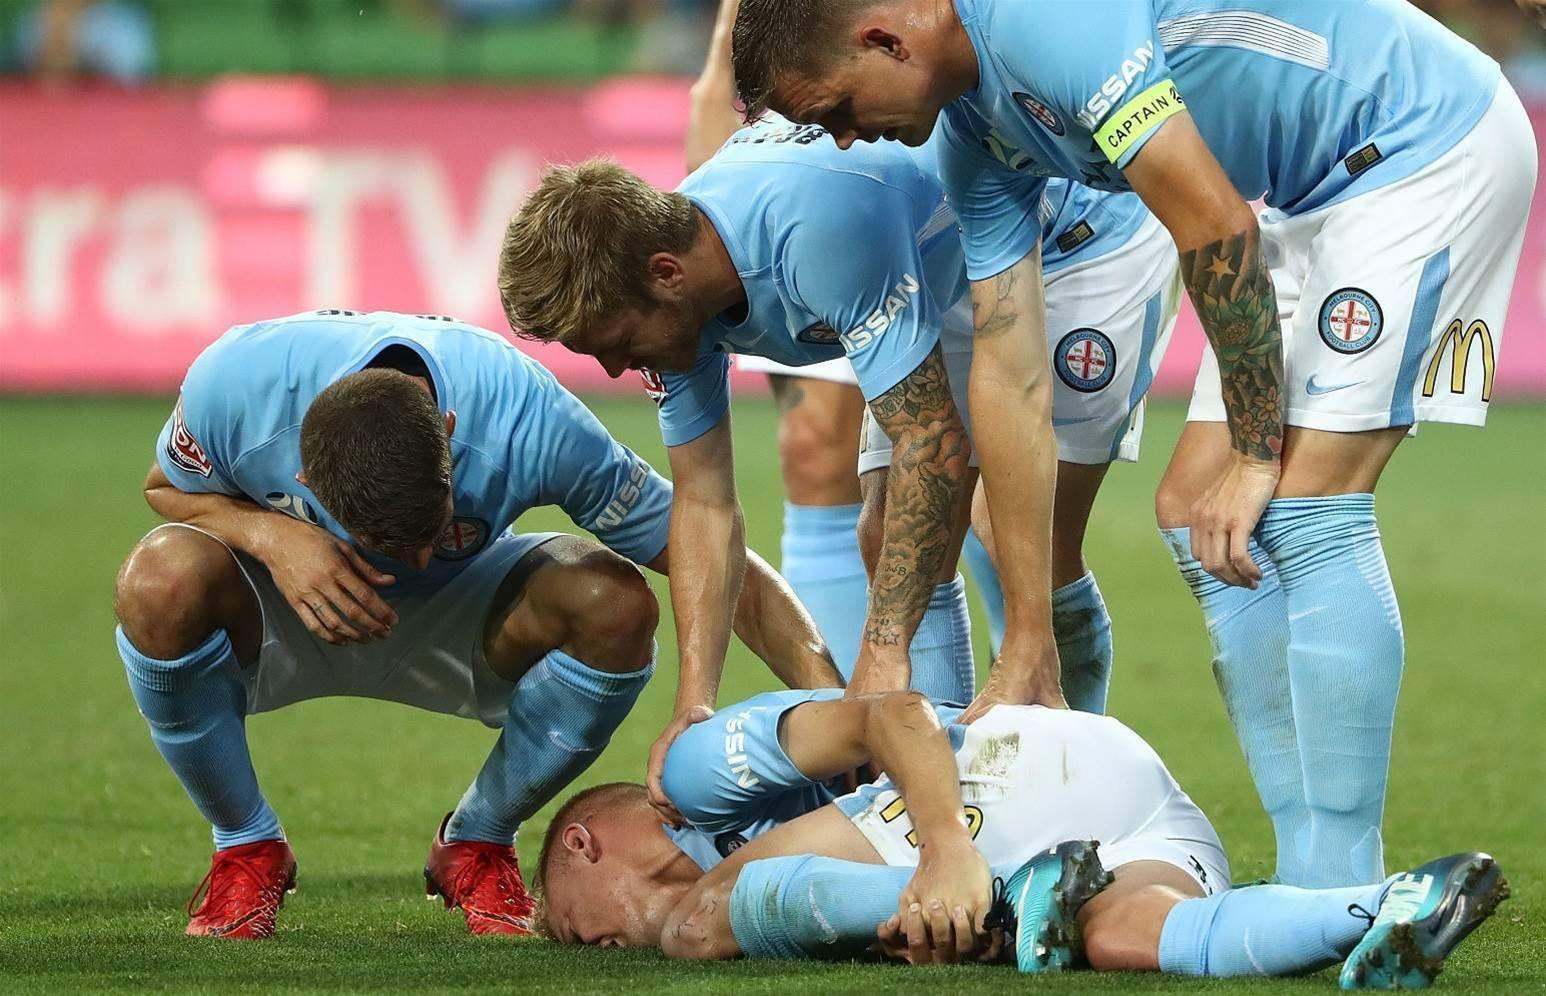 Joyce hopeful on Atkinson injury